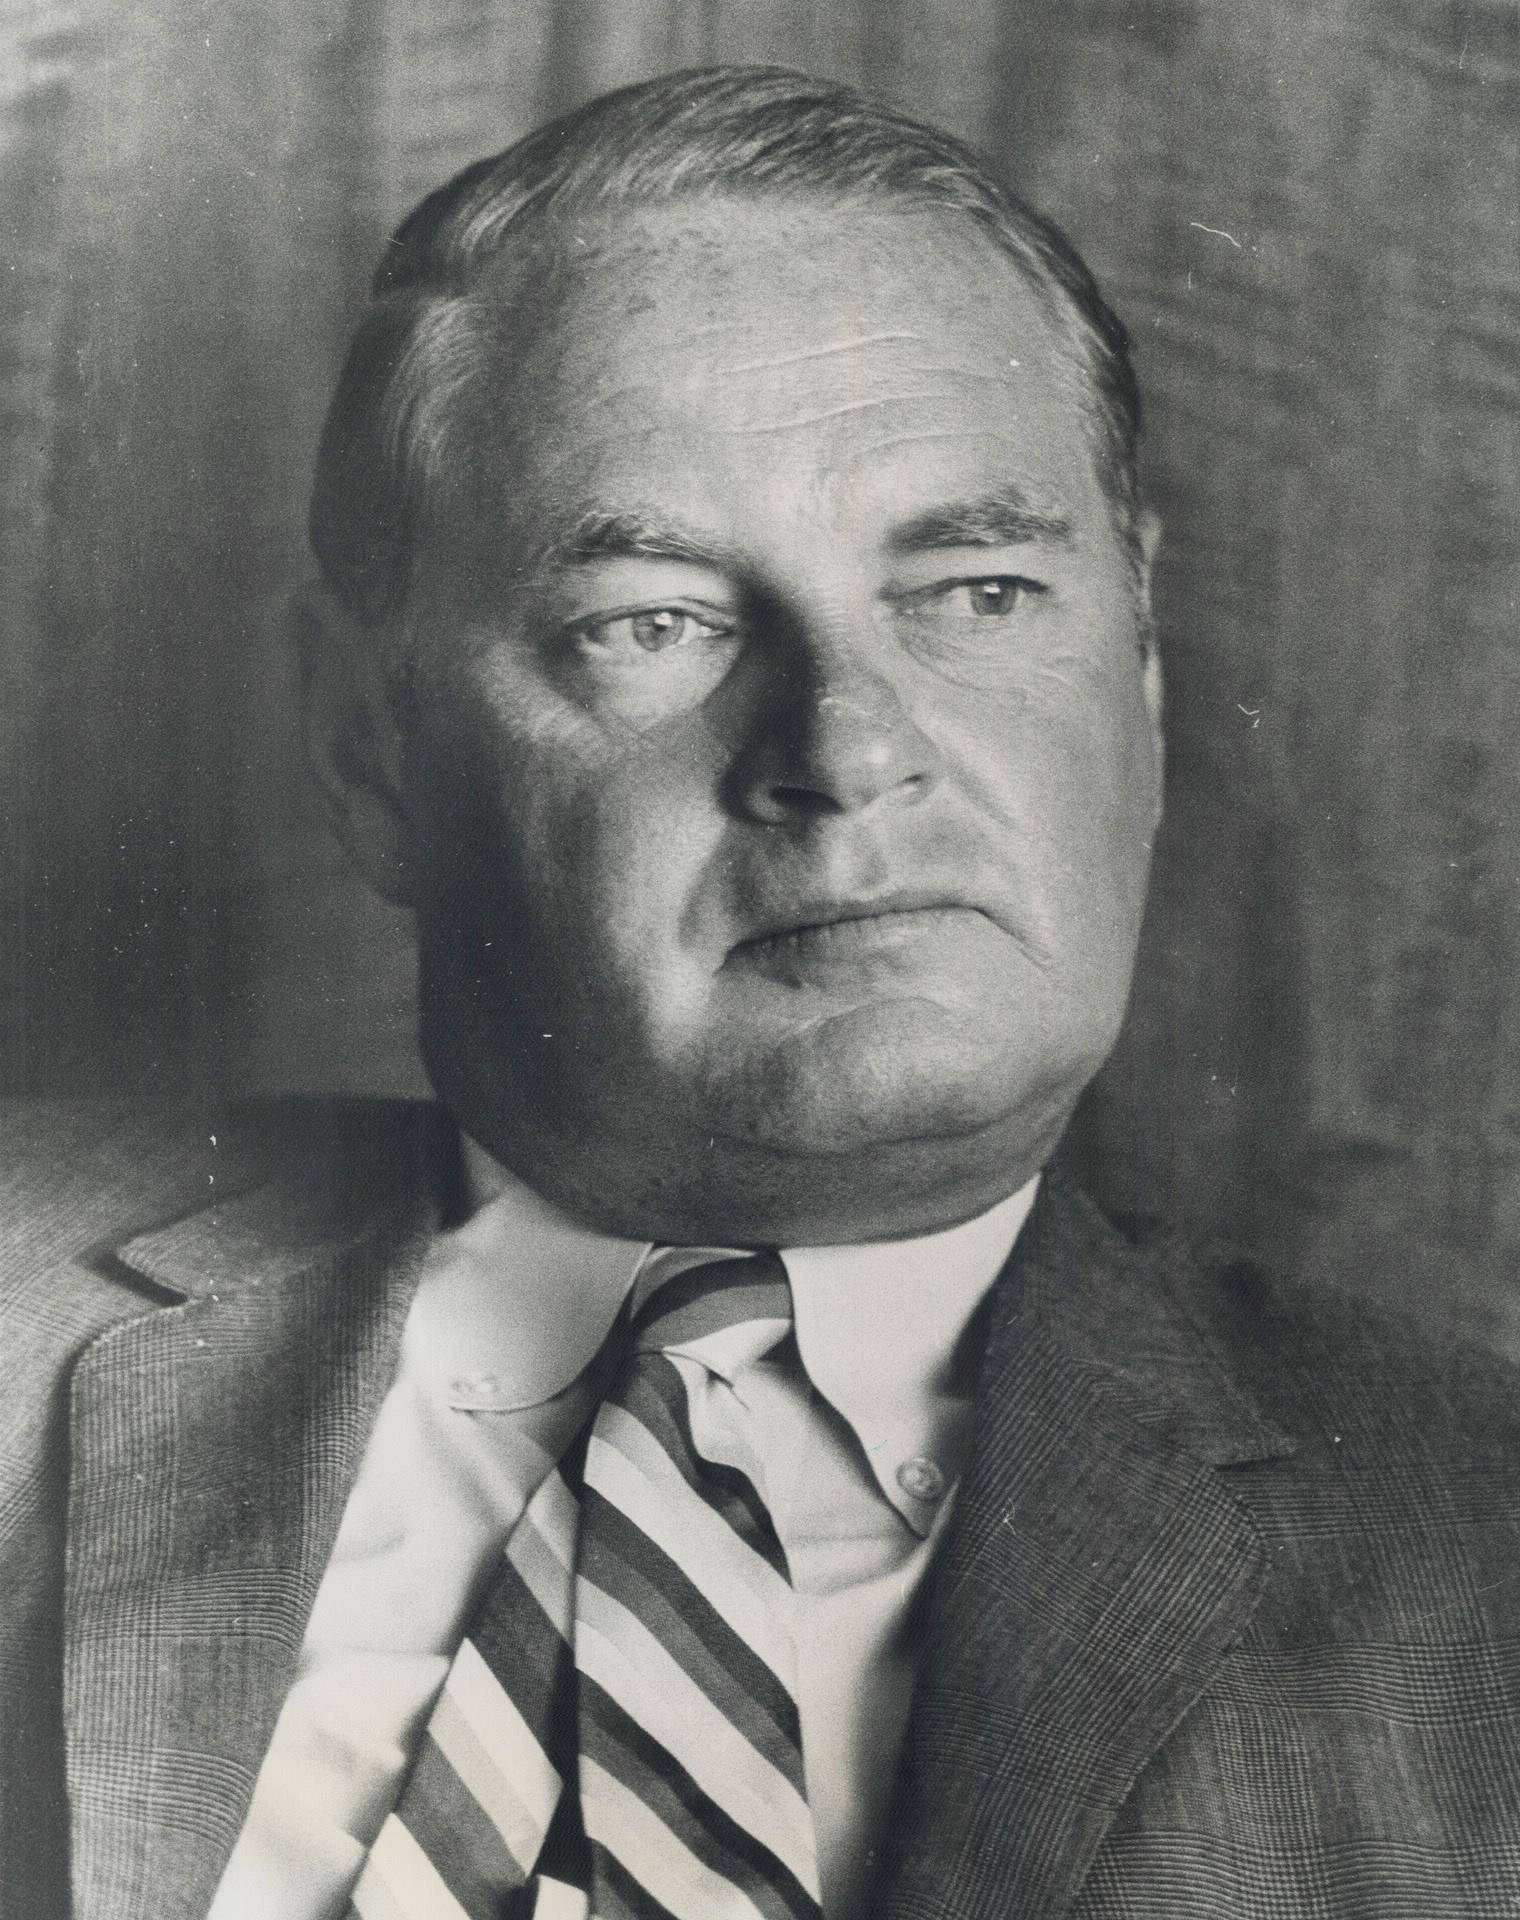 George Mara